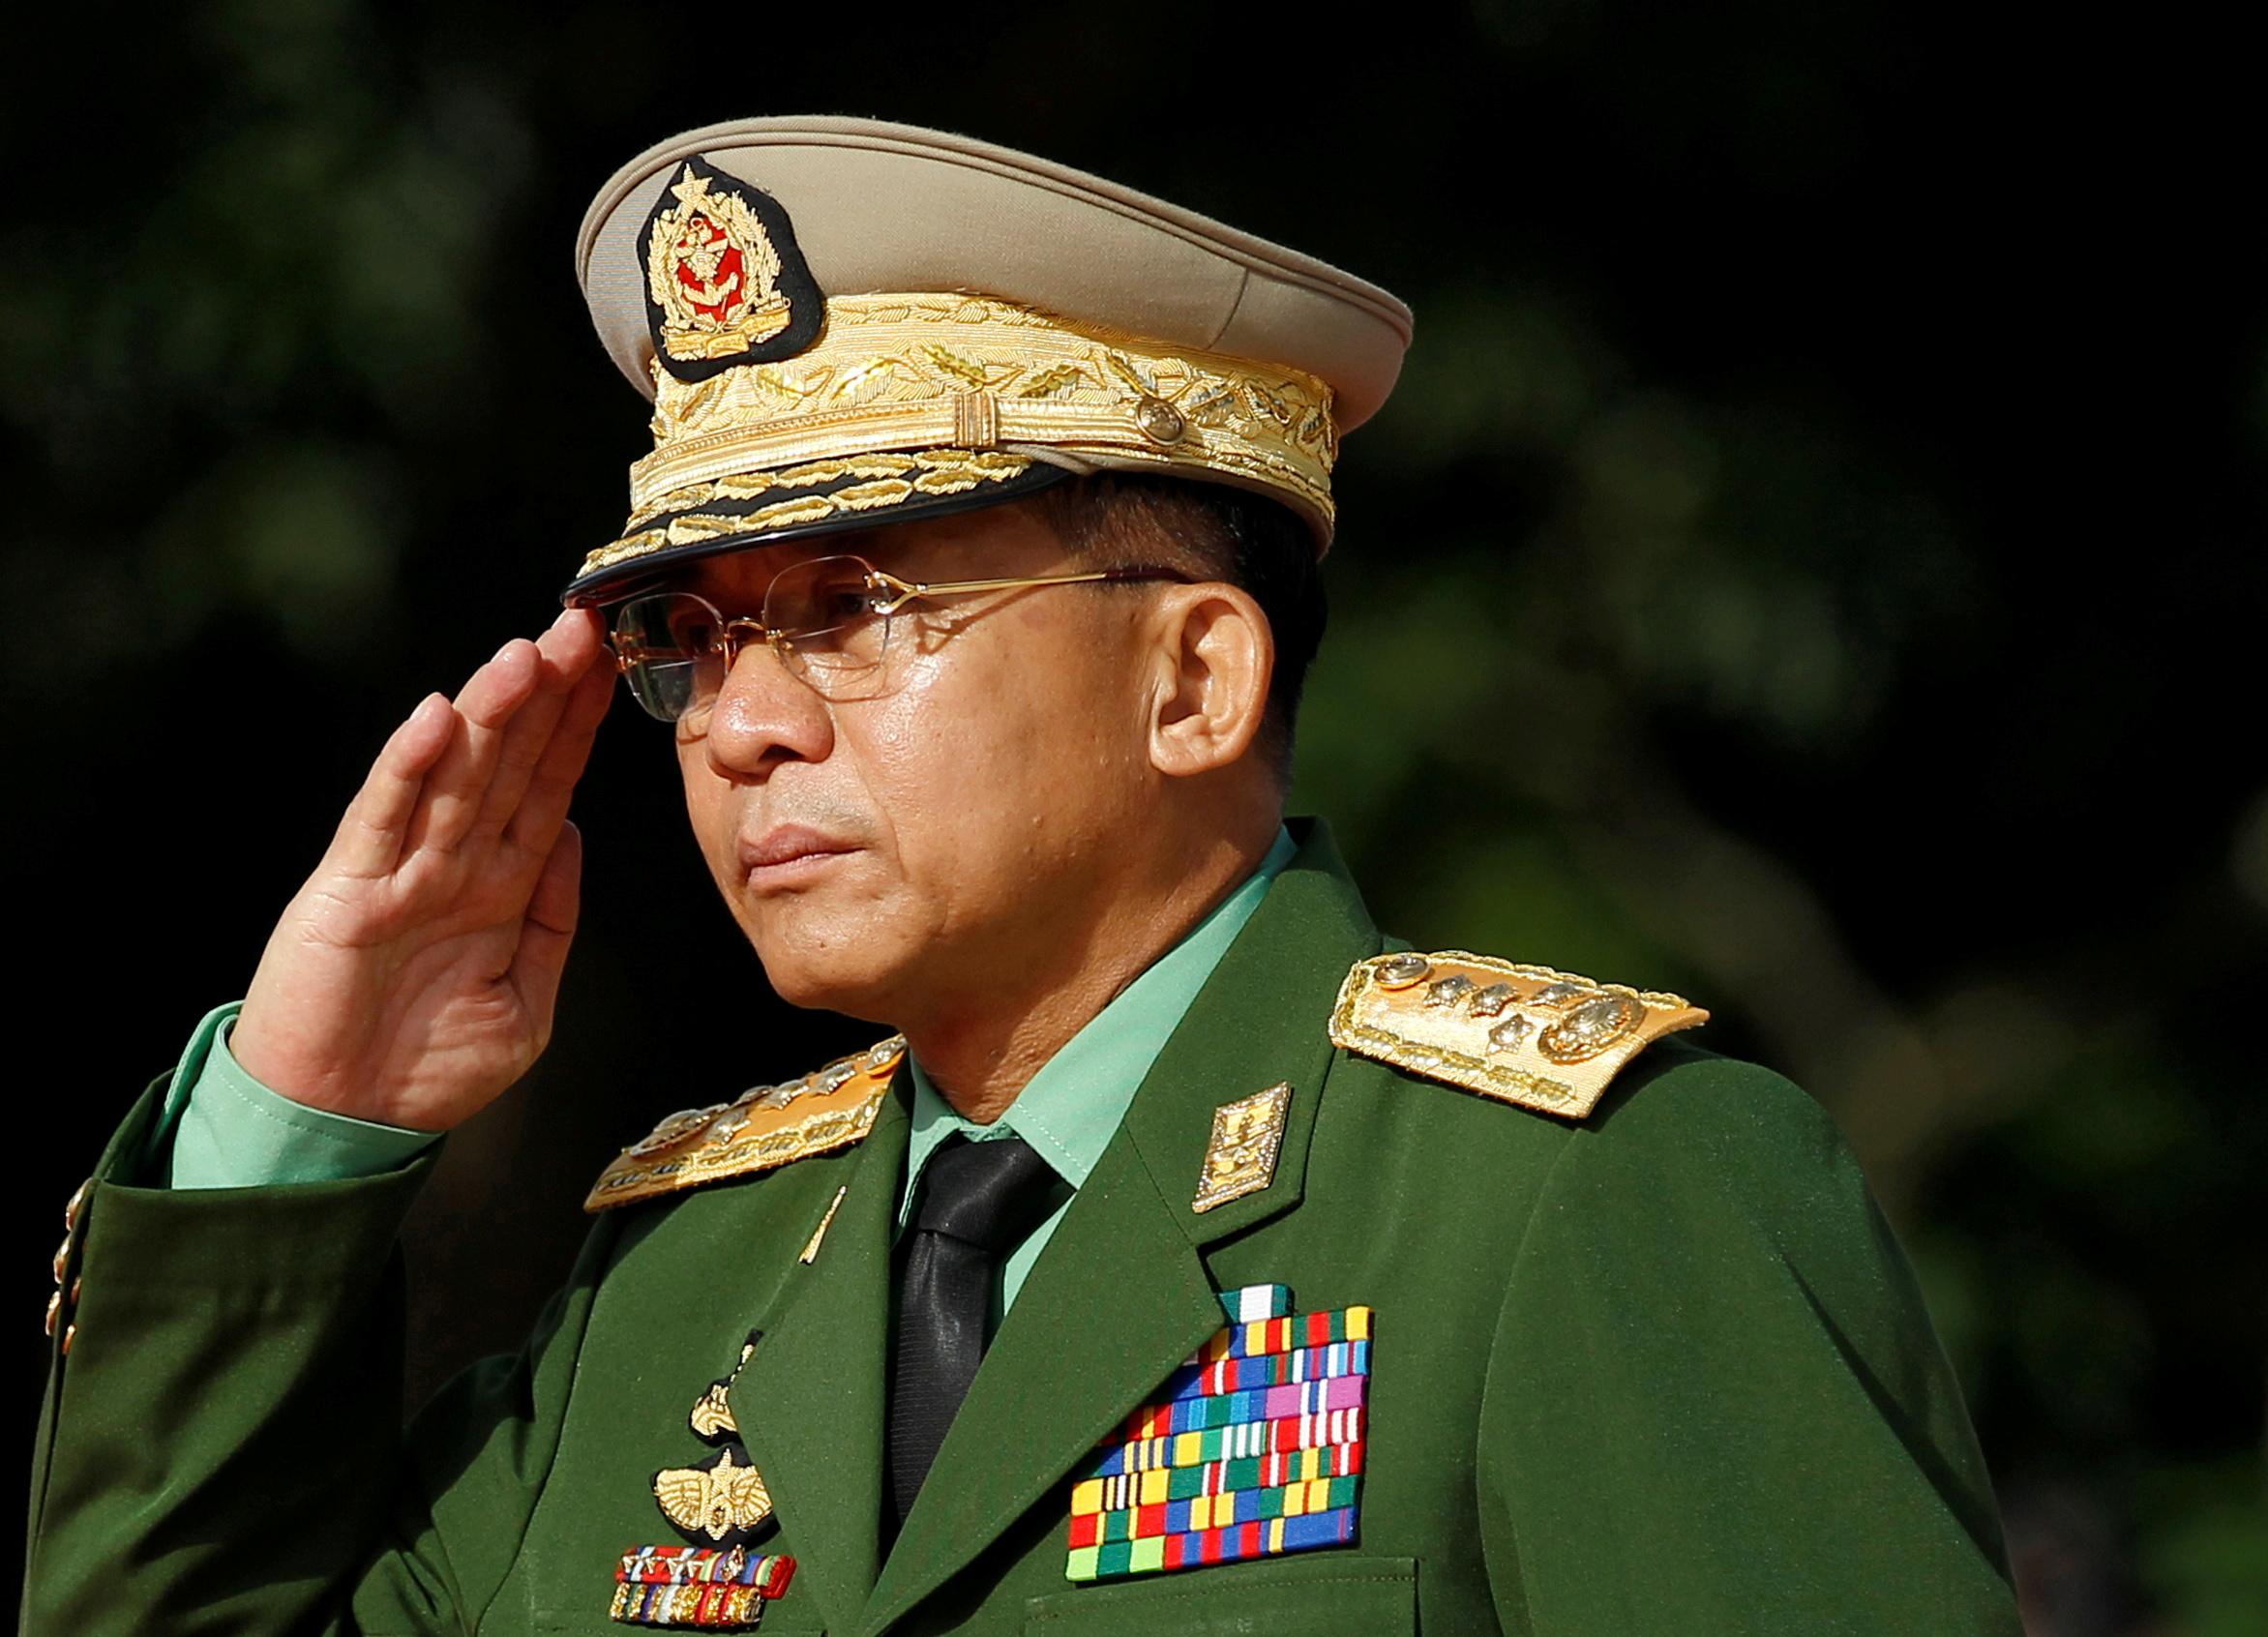 """""""Βράζει"""" η Μιανμάρ: Ποιος είναι ο πραξικοπηματίας Στρατηγός Χλενγκ και τι πολιτικές φιλοδοξίες έχει"""